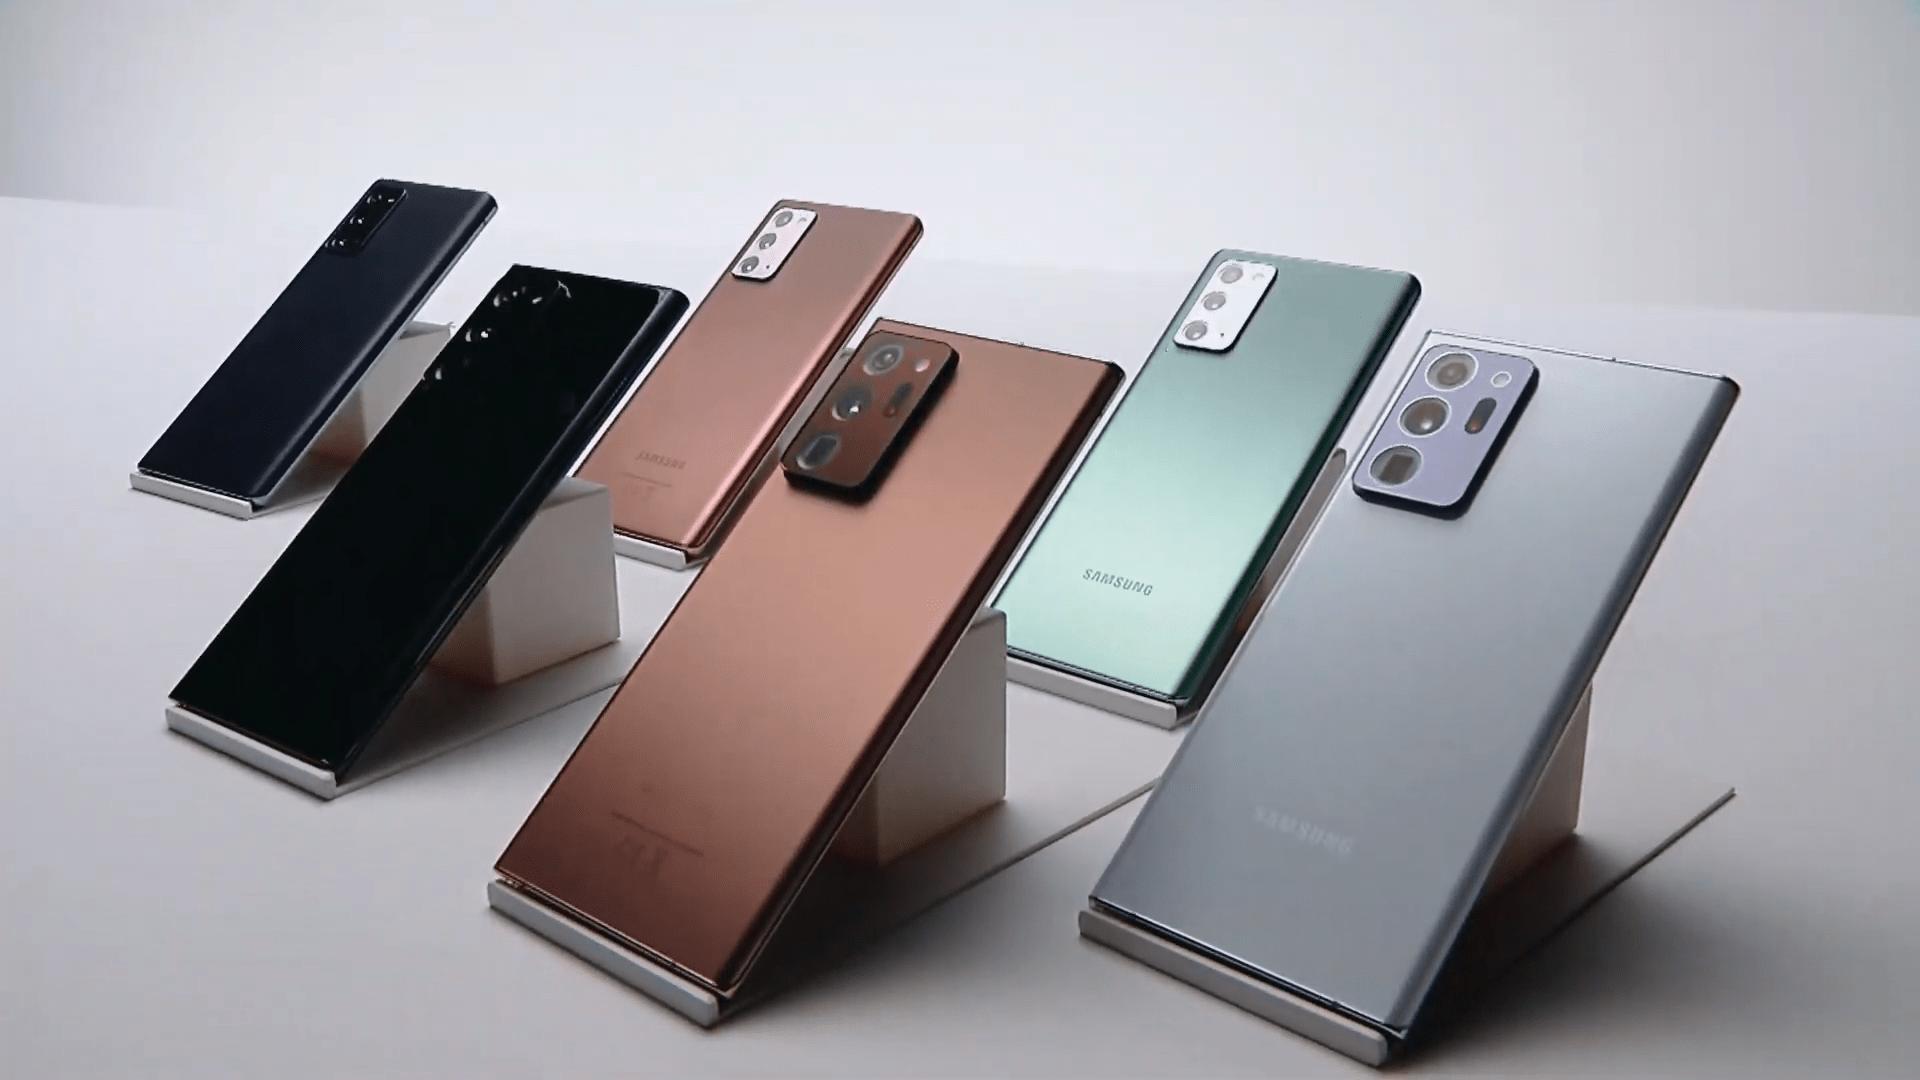 Mises à jour Samsung, apps Android sur Windows et Sony WH-1000XM4 officialisé